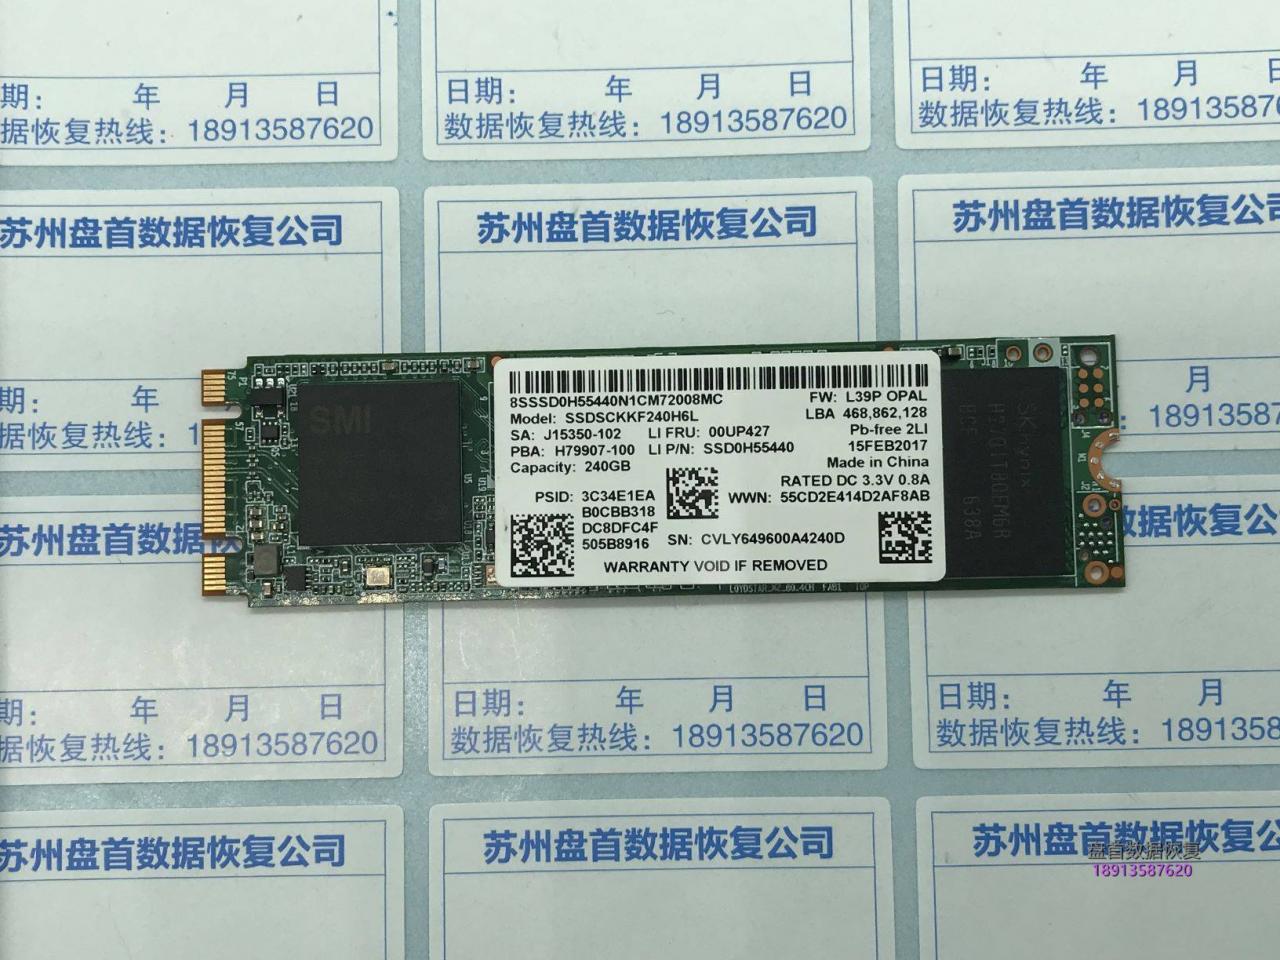 二次成功恢复英特尔SSDSCKKF240H6L固态硬盘无法识别主控为SMI N00K25.00(SM2258G)数据恢复成功